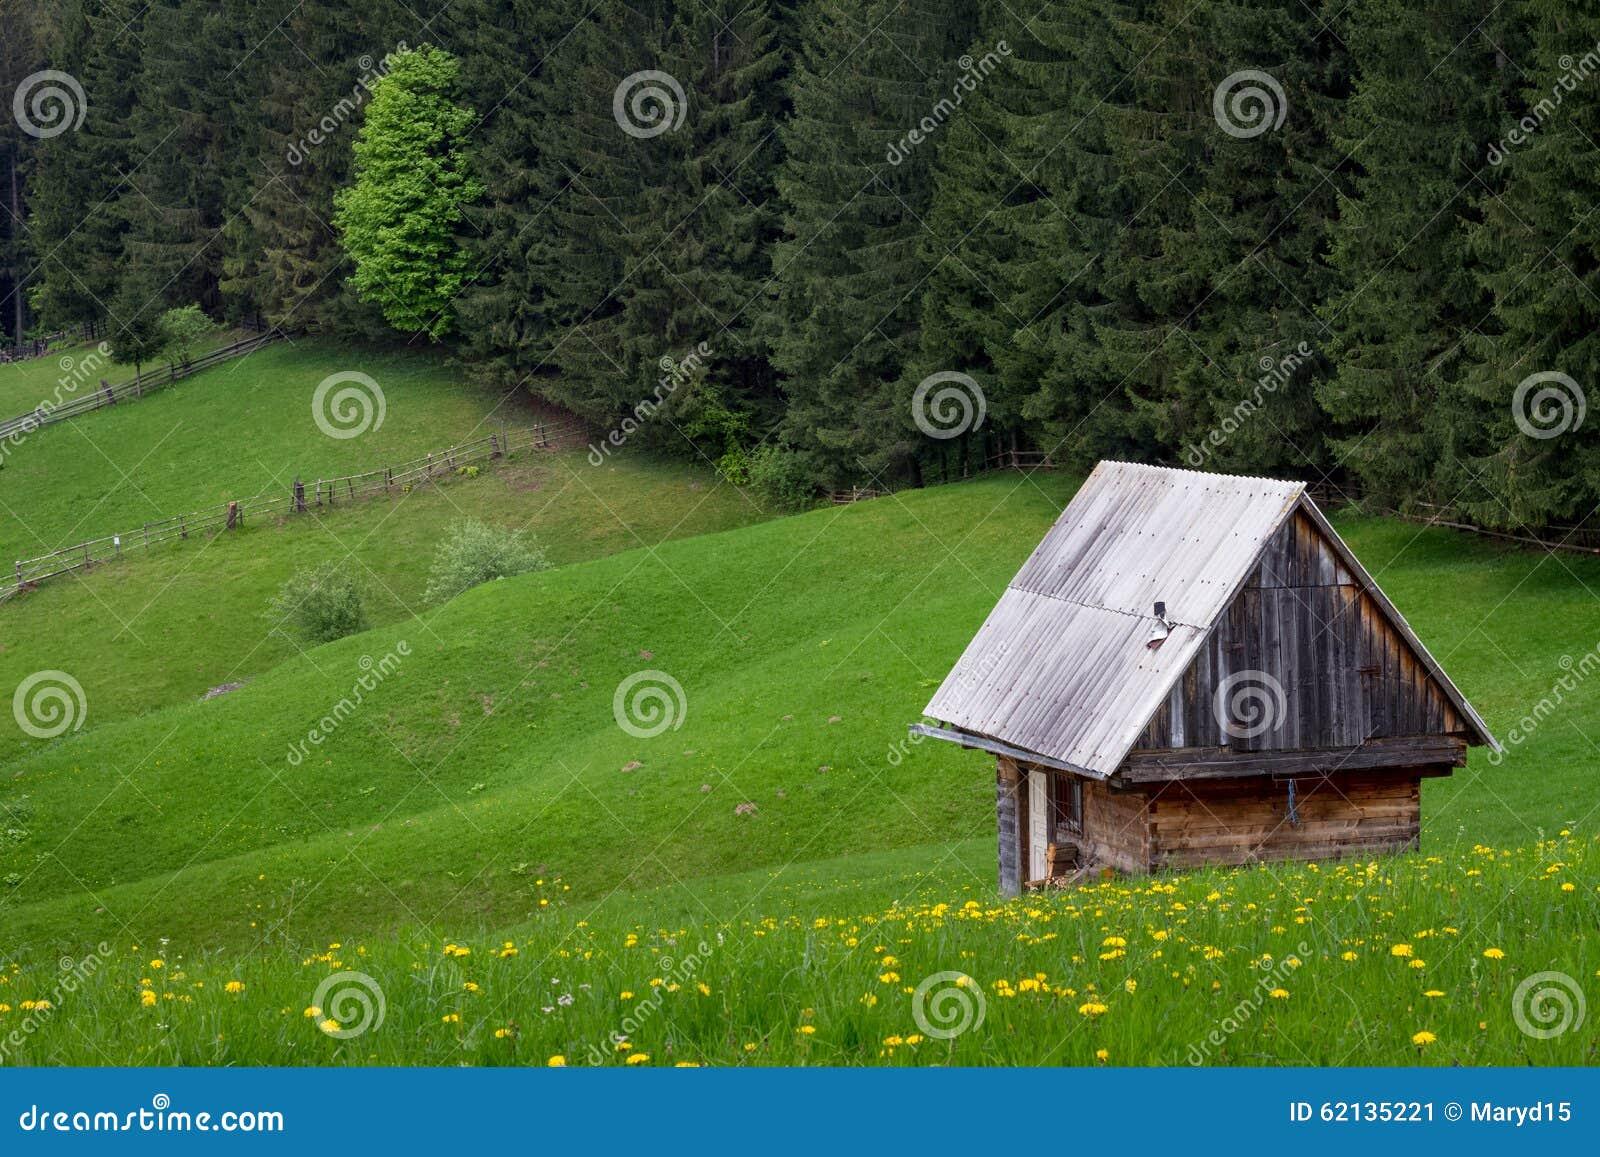 Oud huis op een groen gebied stock afbeelding afbeelding 62135221 - Groen huis model ...